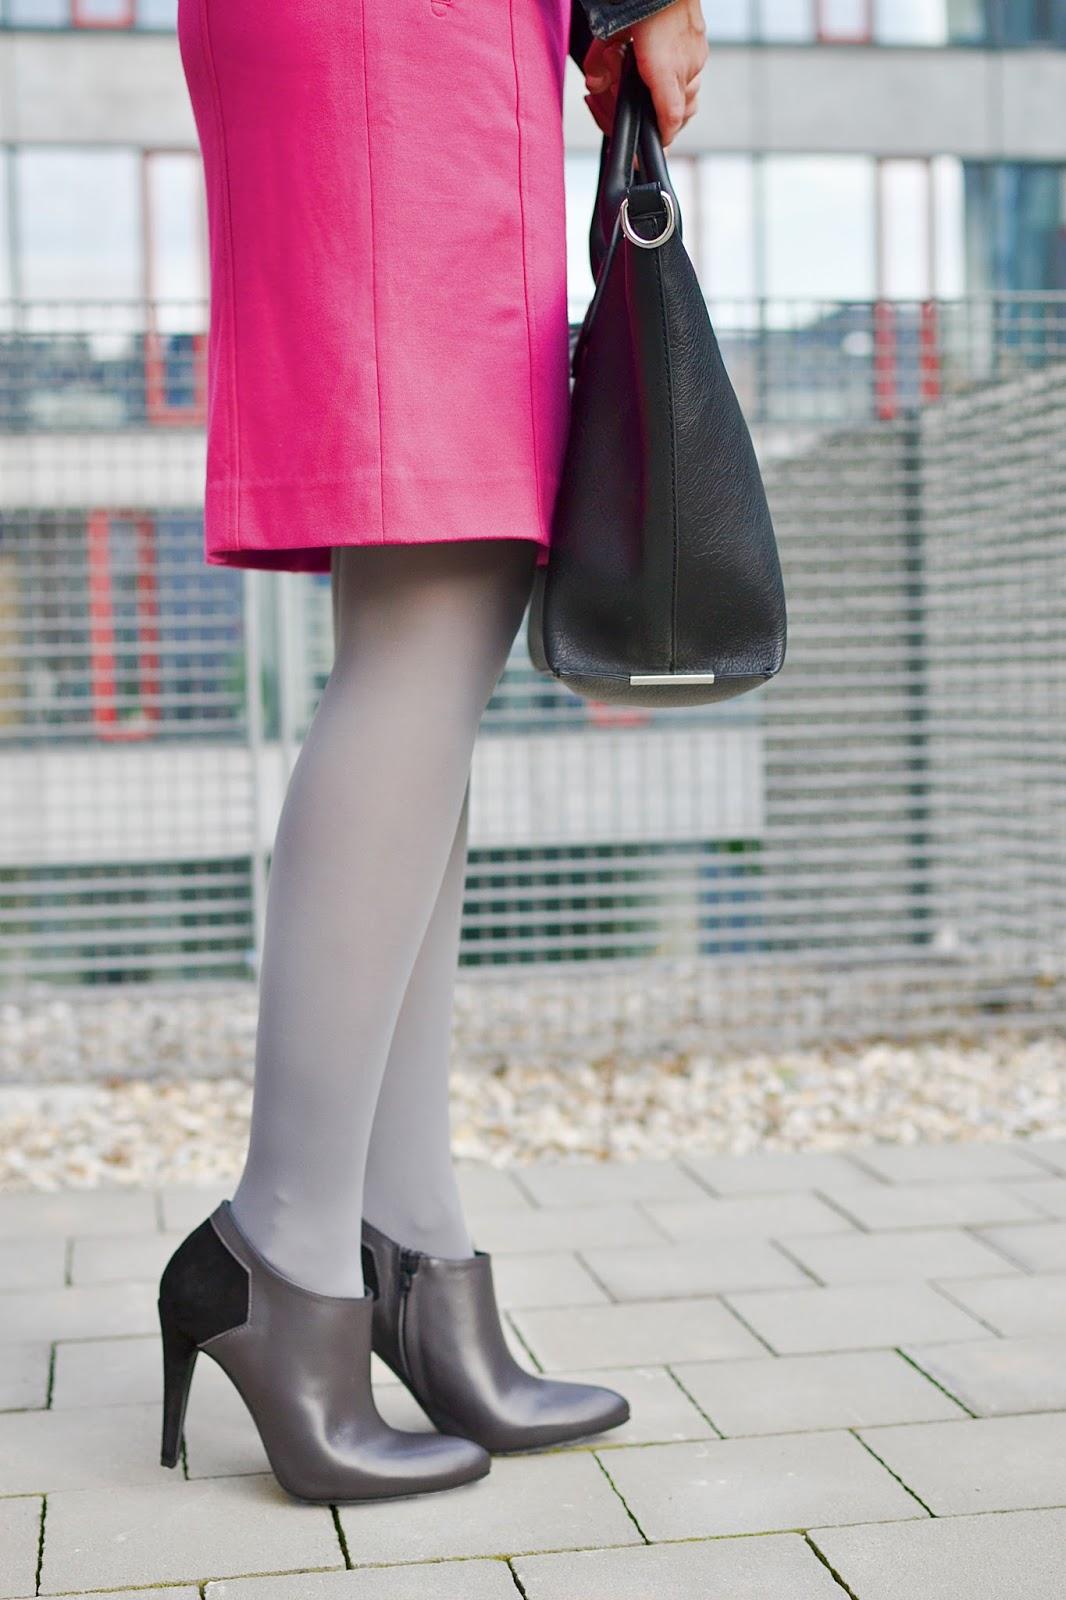 5 vecí, ktoré si neobliecť do zamestnania_Katharine-fashion is beautiful_Ružová pencil sukňa_Sivé pančuchy_Katarína Jakubčová_Fashion blogger